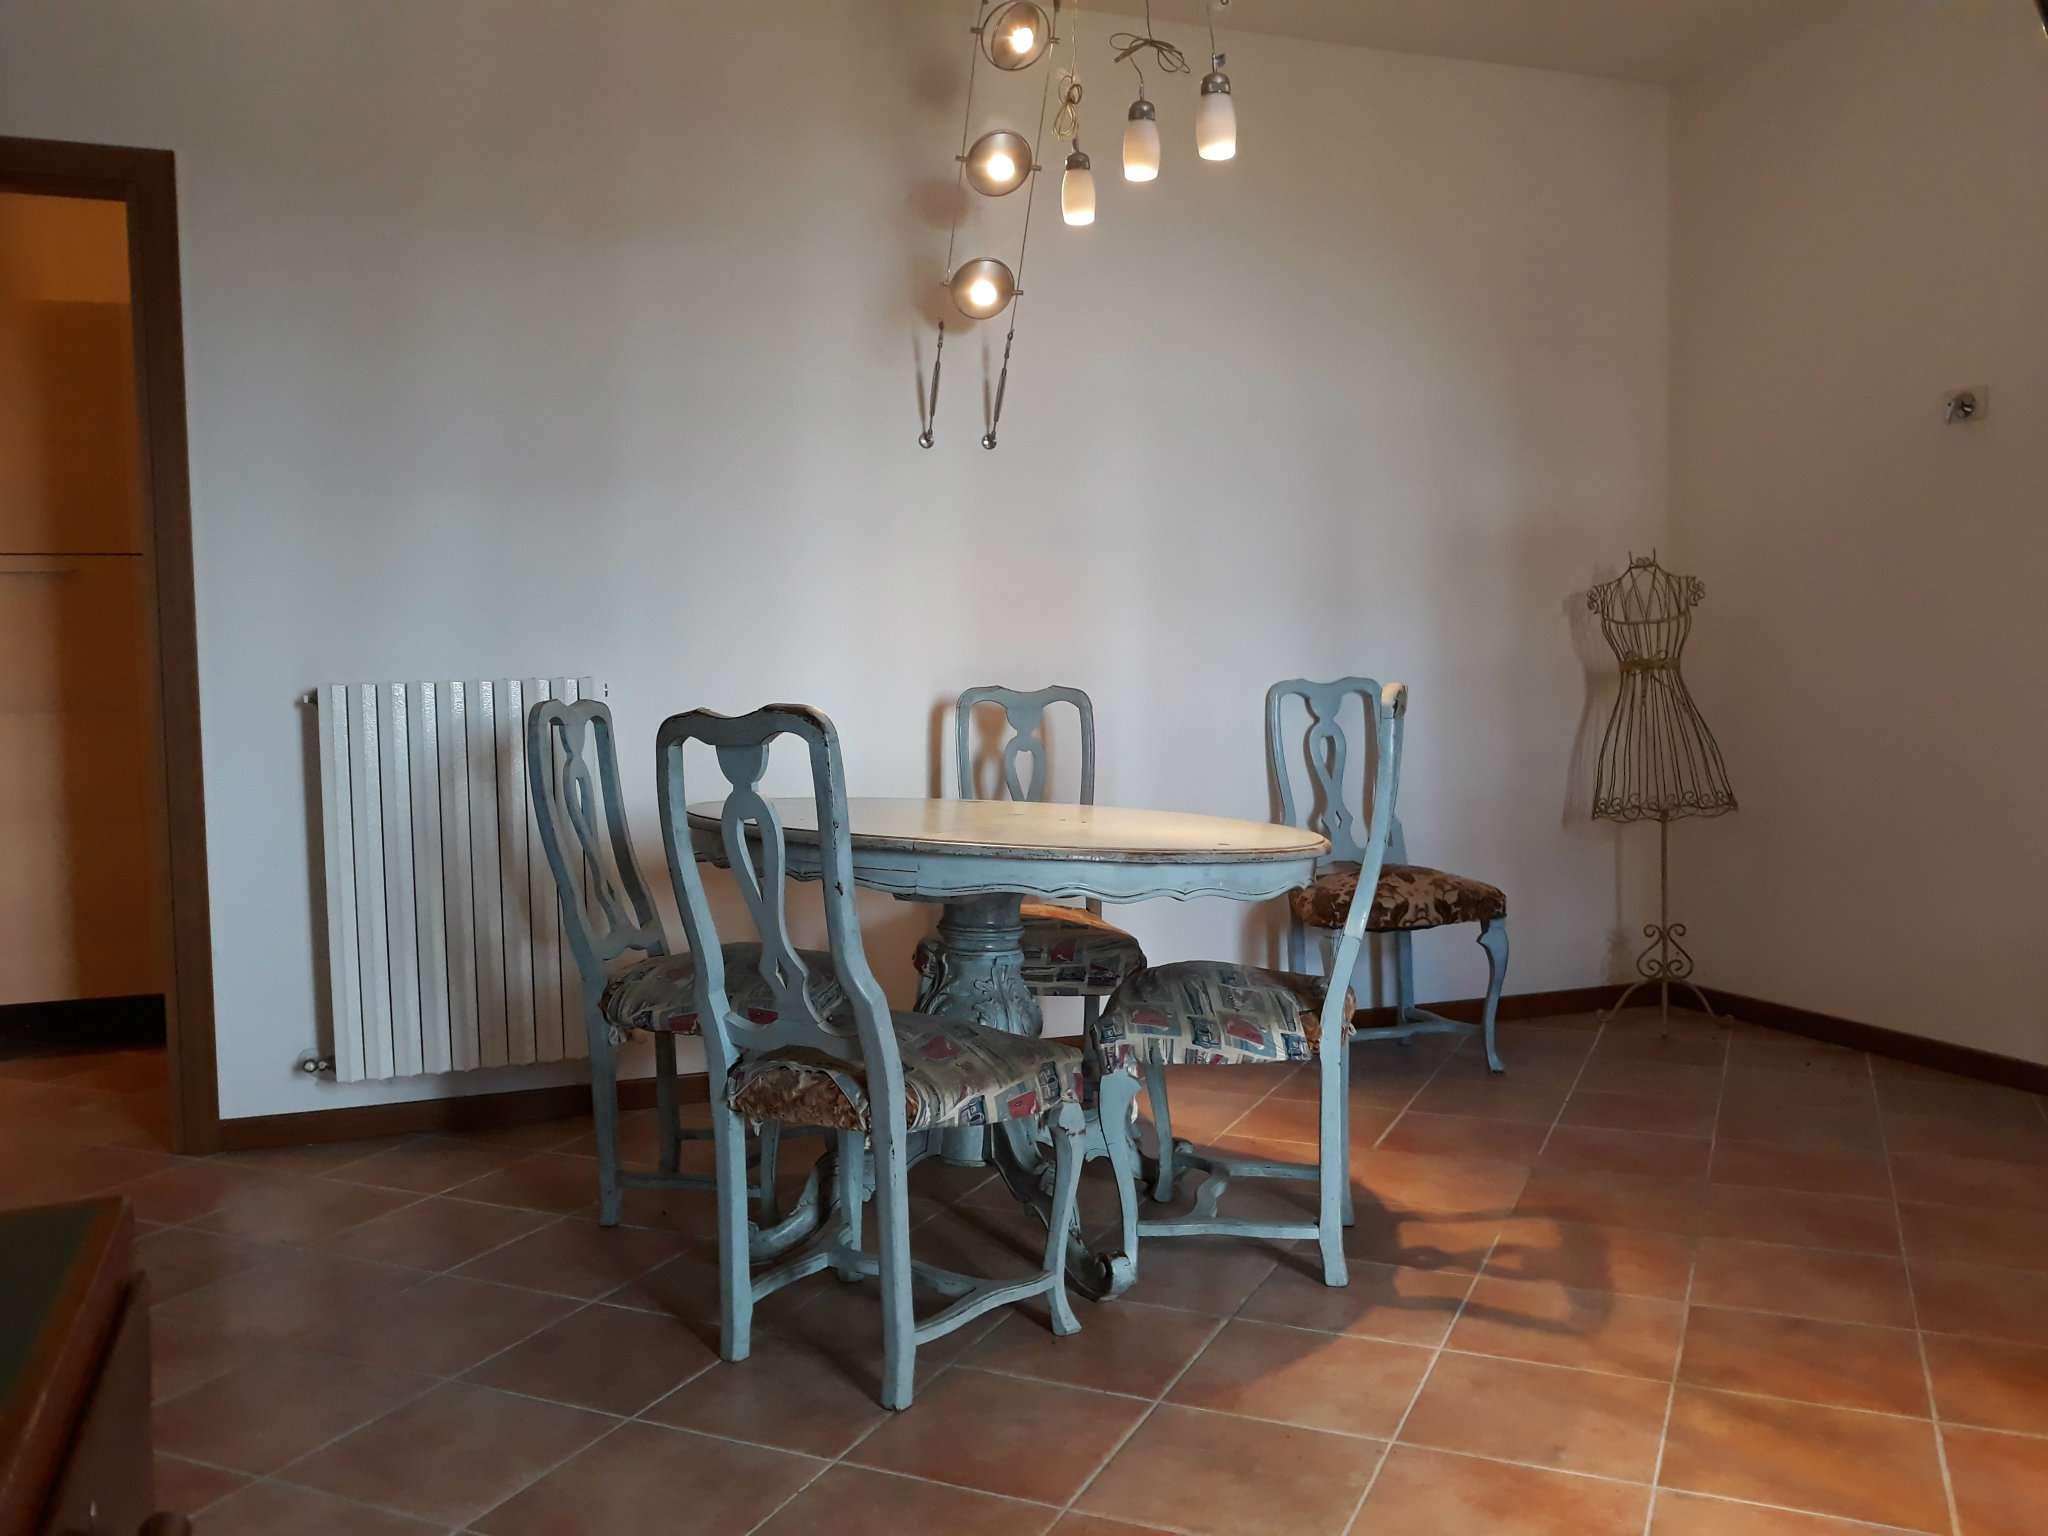 Appartamento in vendita a Monzuno, 4 locali, prezzo € 98.000 | PortaleAgenzieImmobiliari.it